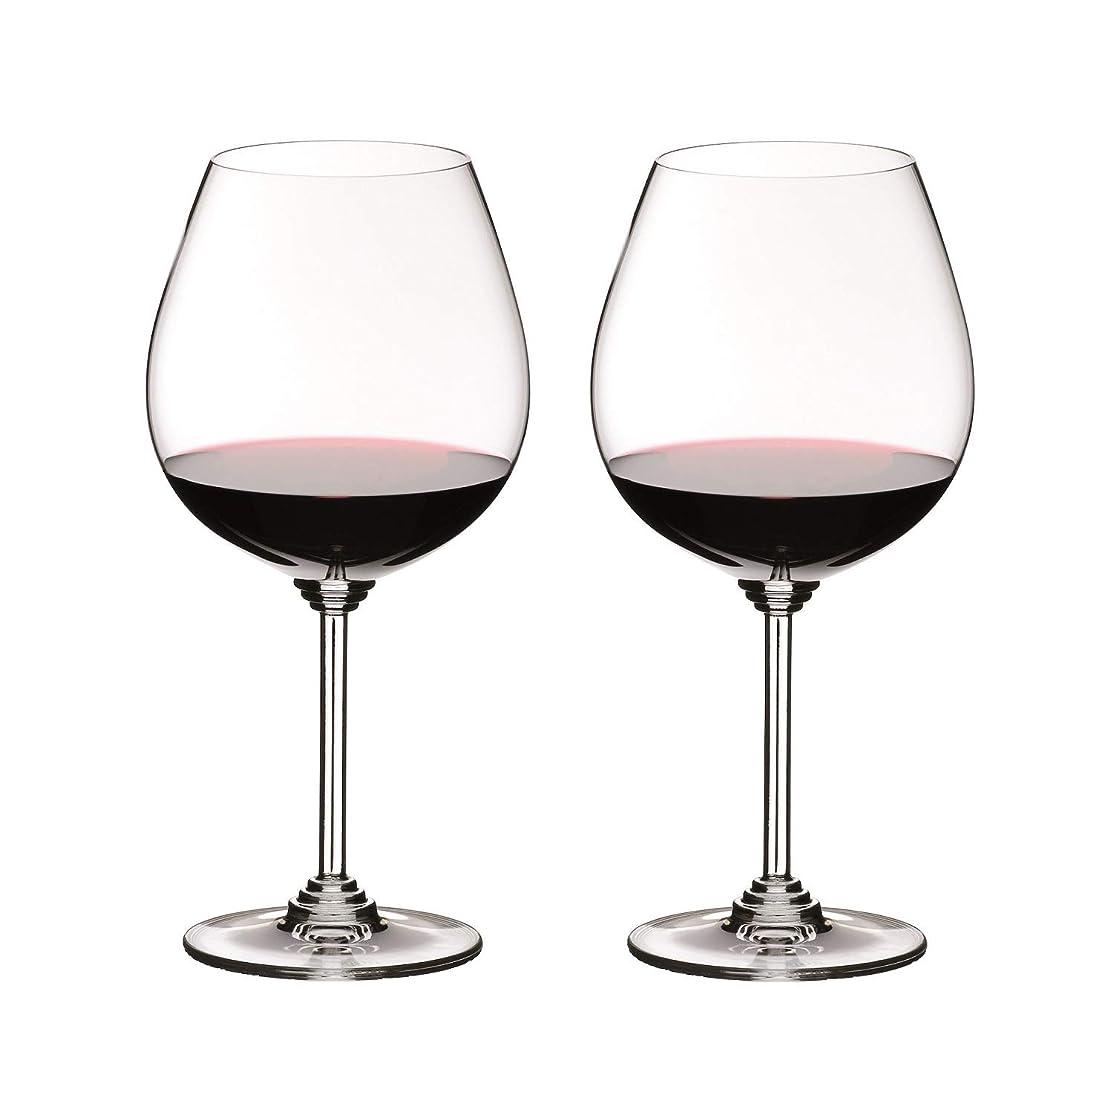 レオナルドダ靴下これまで[正規品] RIEDEL リーデル 赤ワイン グラス ペアセット ワイン ピノ?ノワール/ネッビオーロ 700ml 6448/07